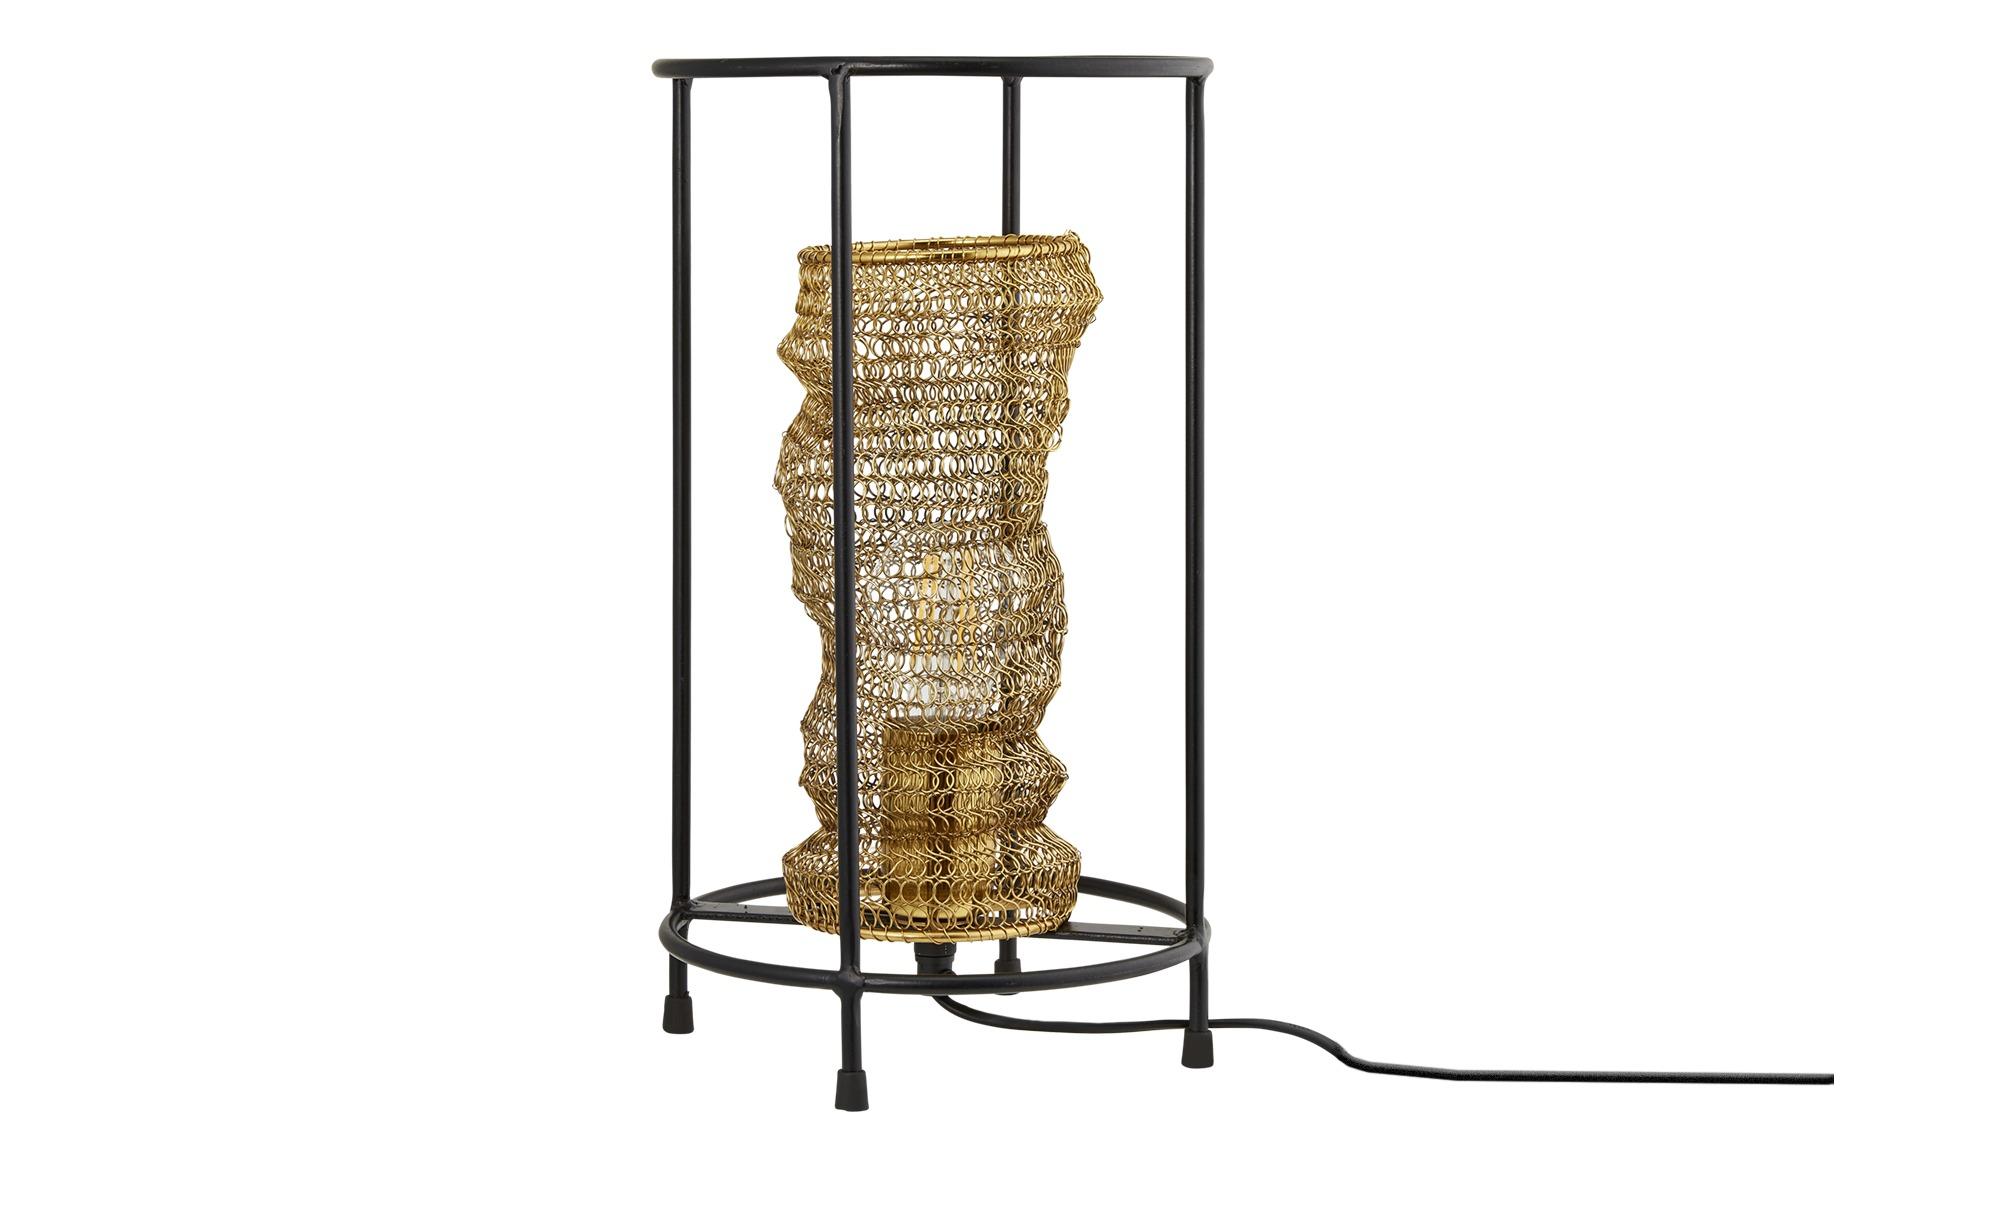 fischer und honsel beistelltischlampen online kaufen. Black Bedroom Furniture Sets. Home Design Ideas